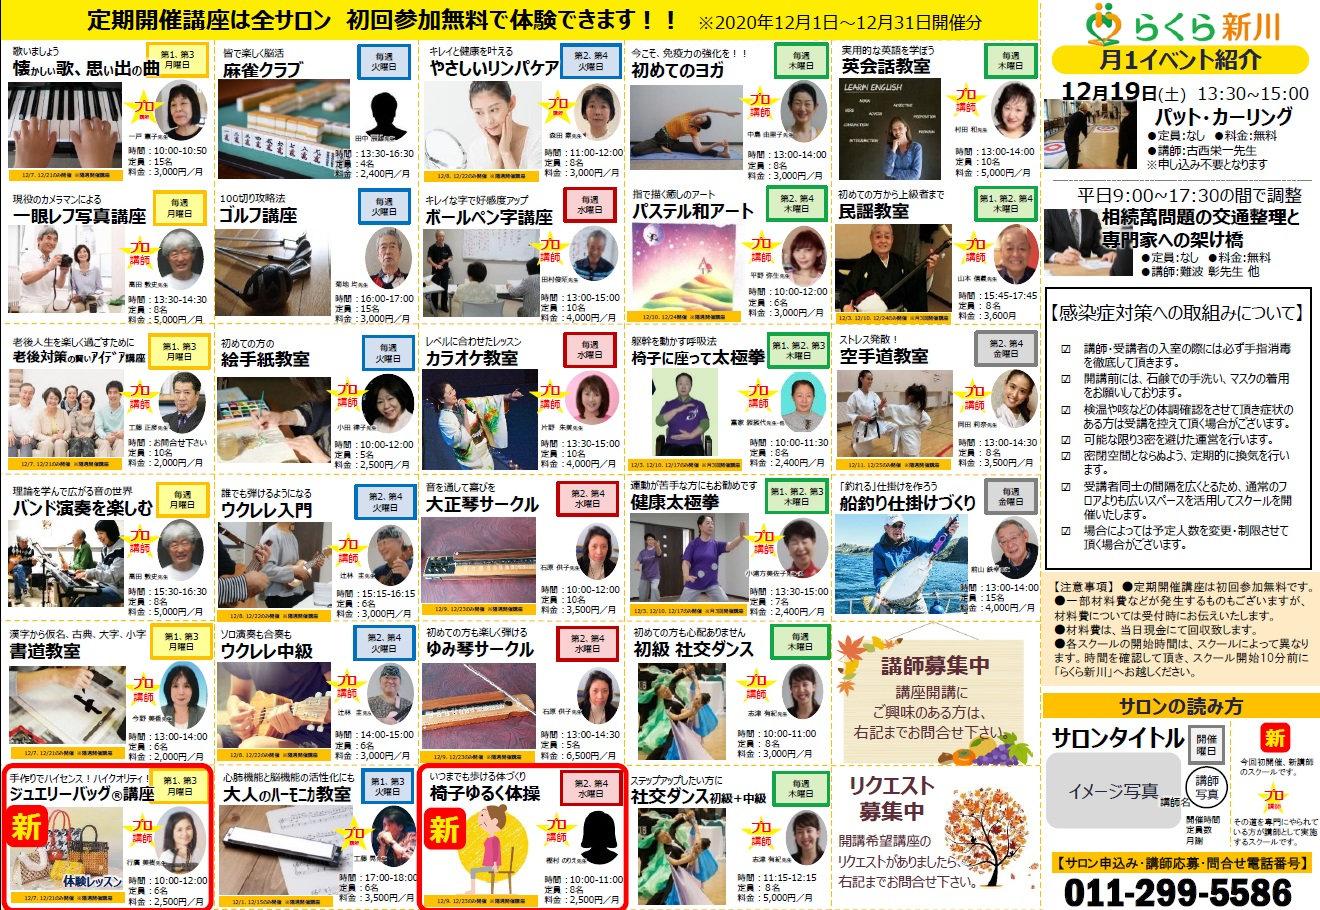 新川サロン202012裏.jpg